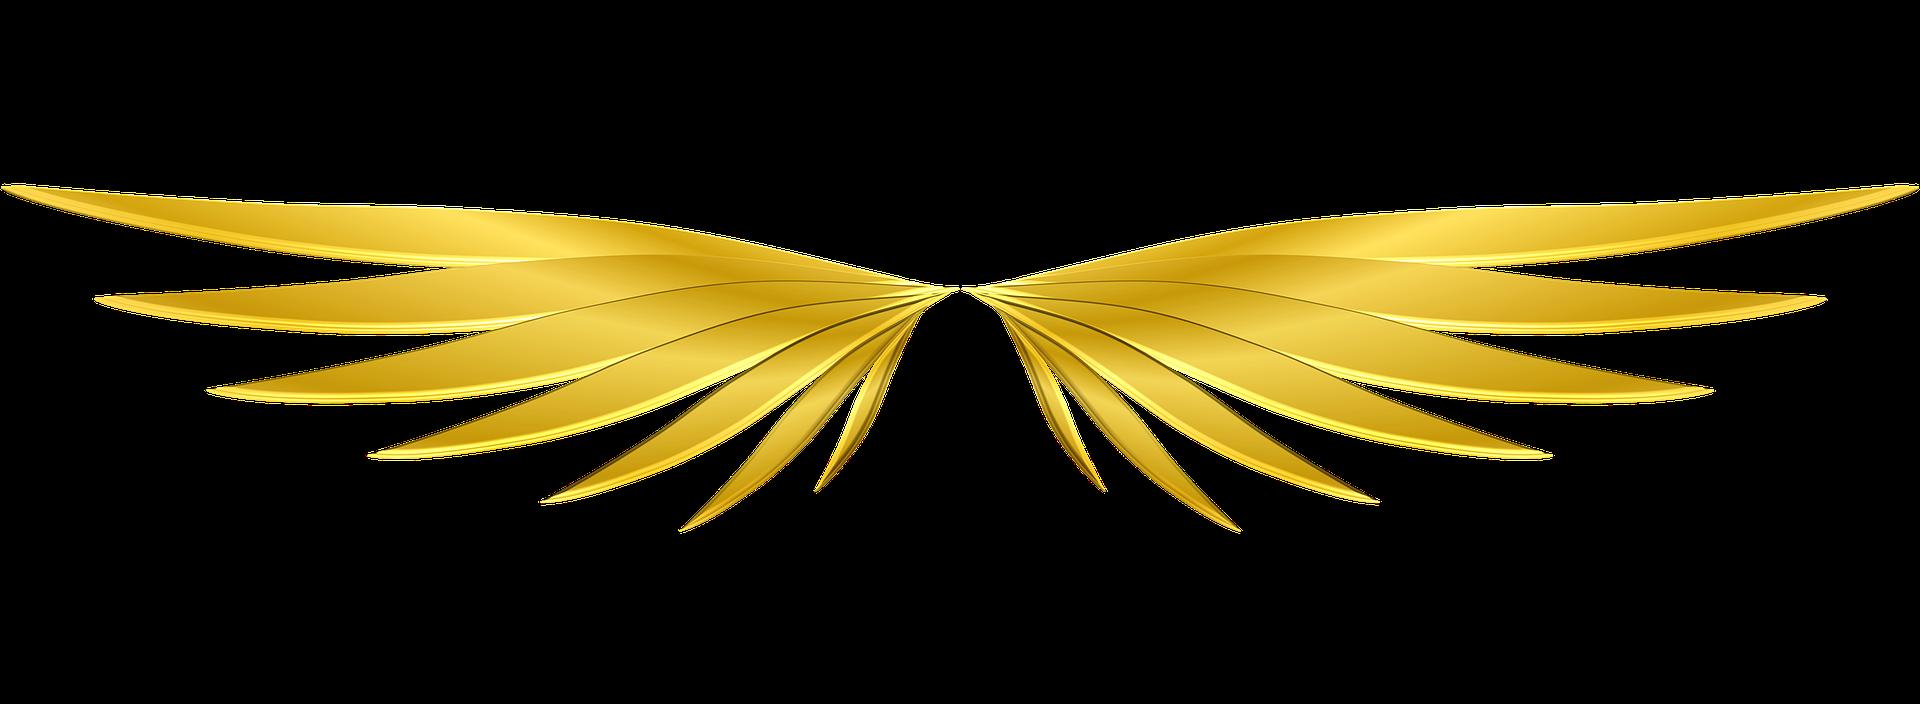 wings-3101175_1920-min